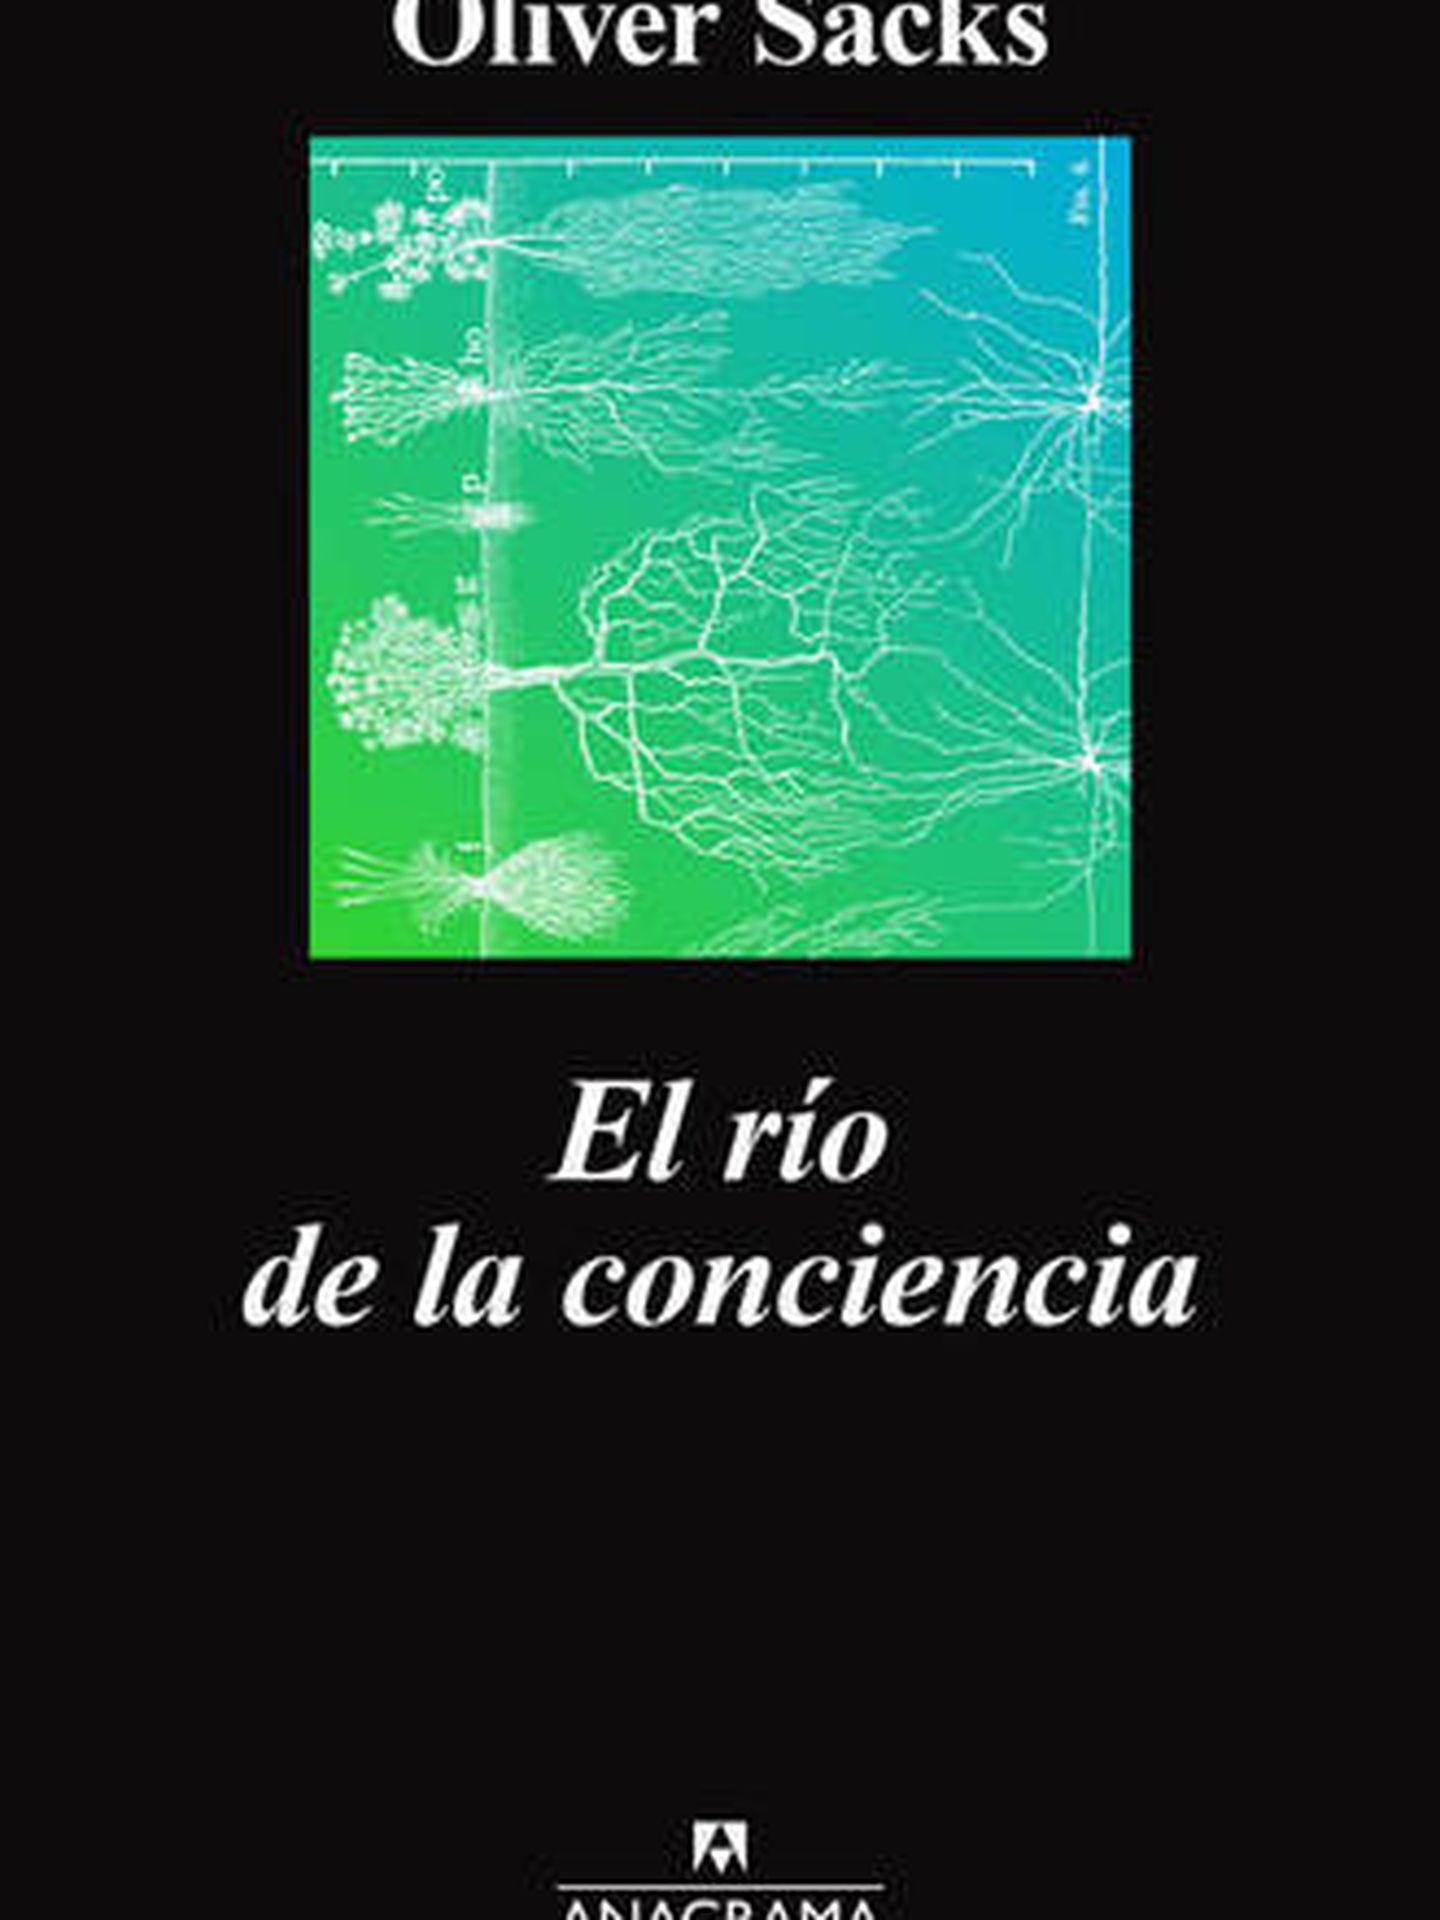 'El río de la conciencia'.